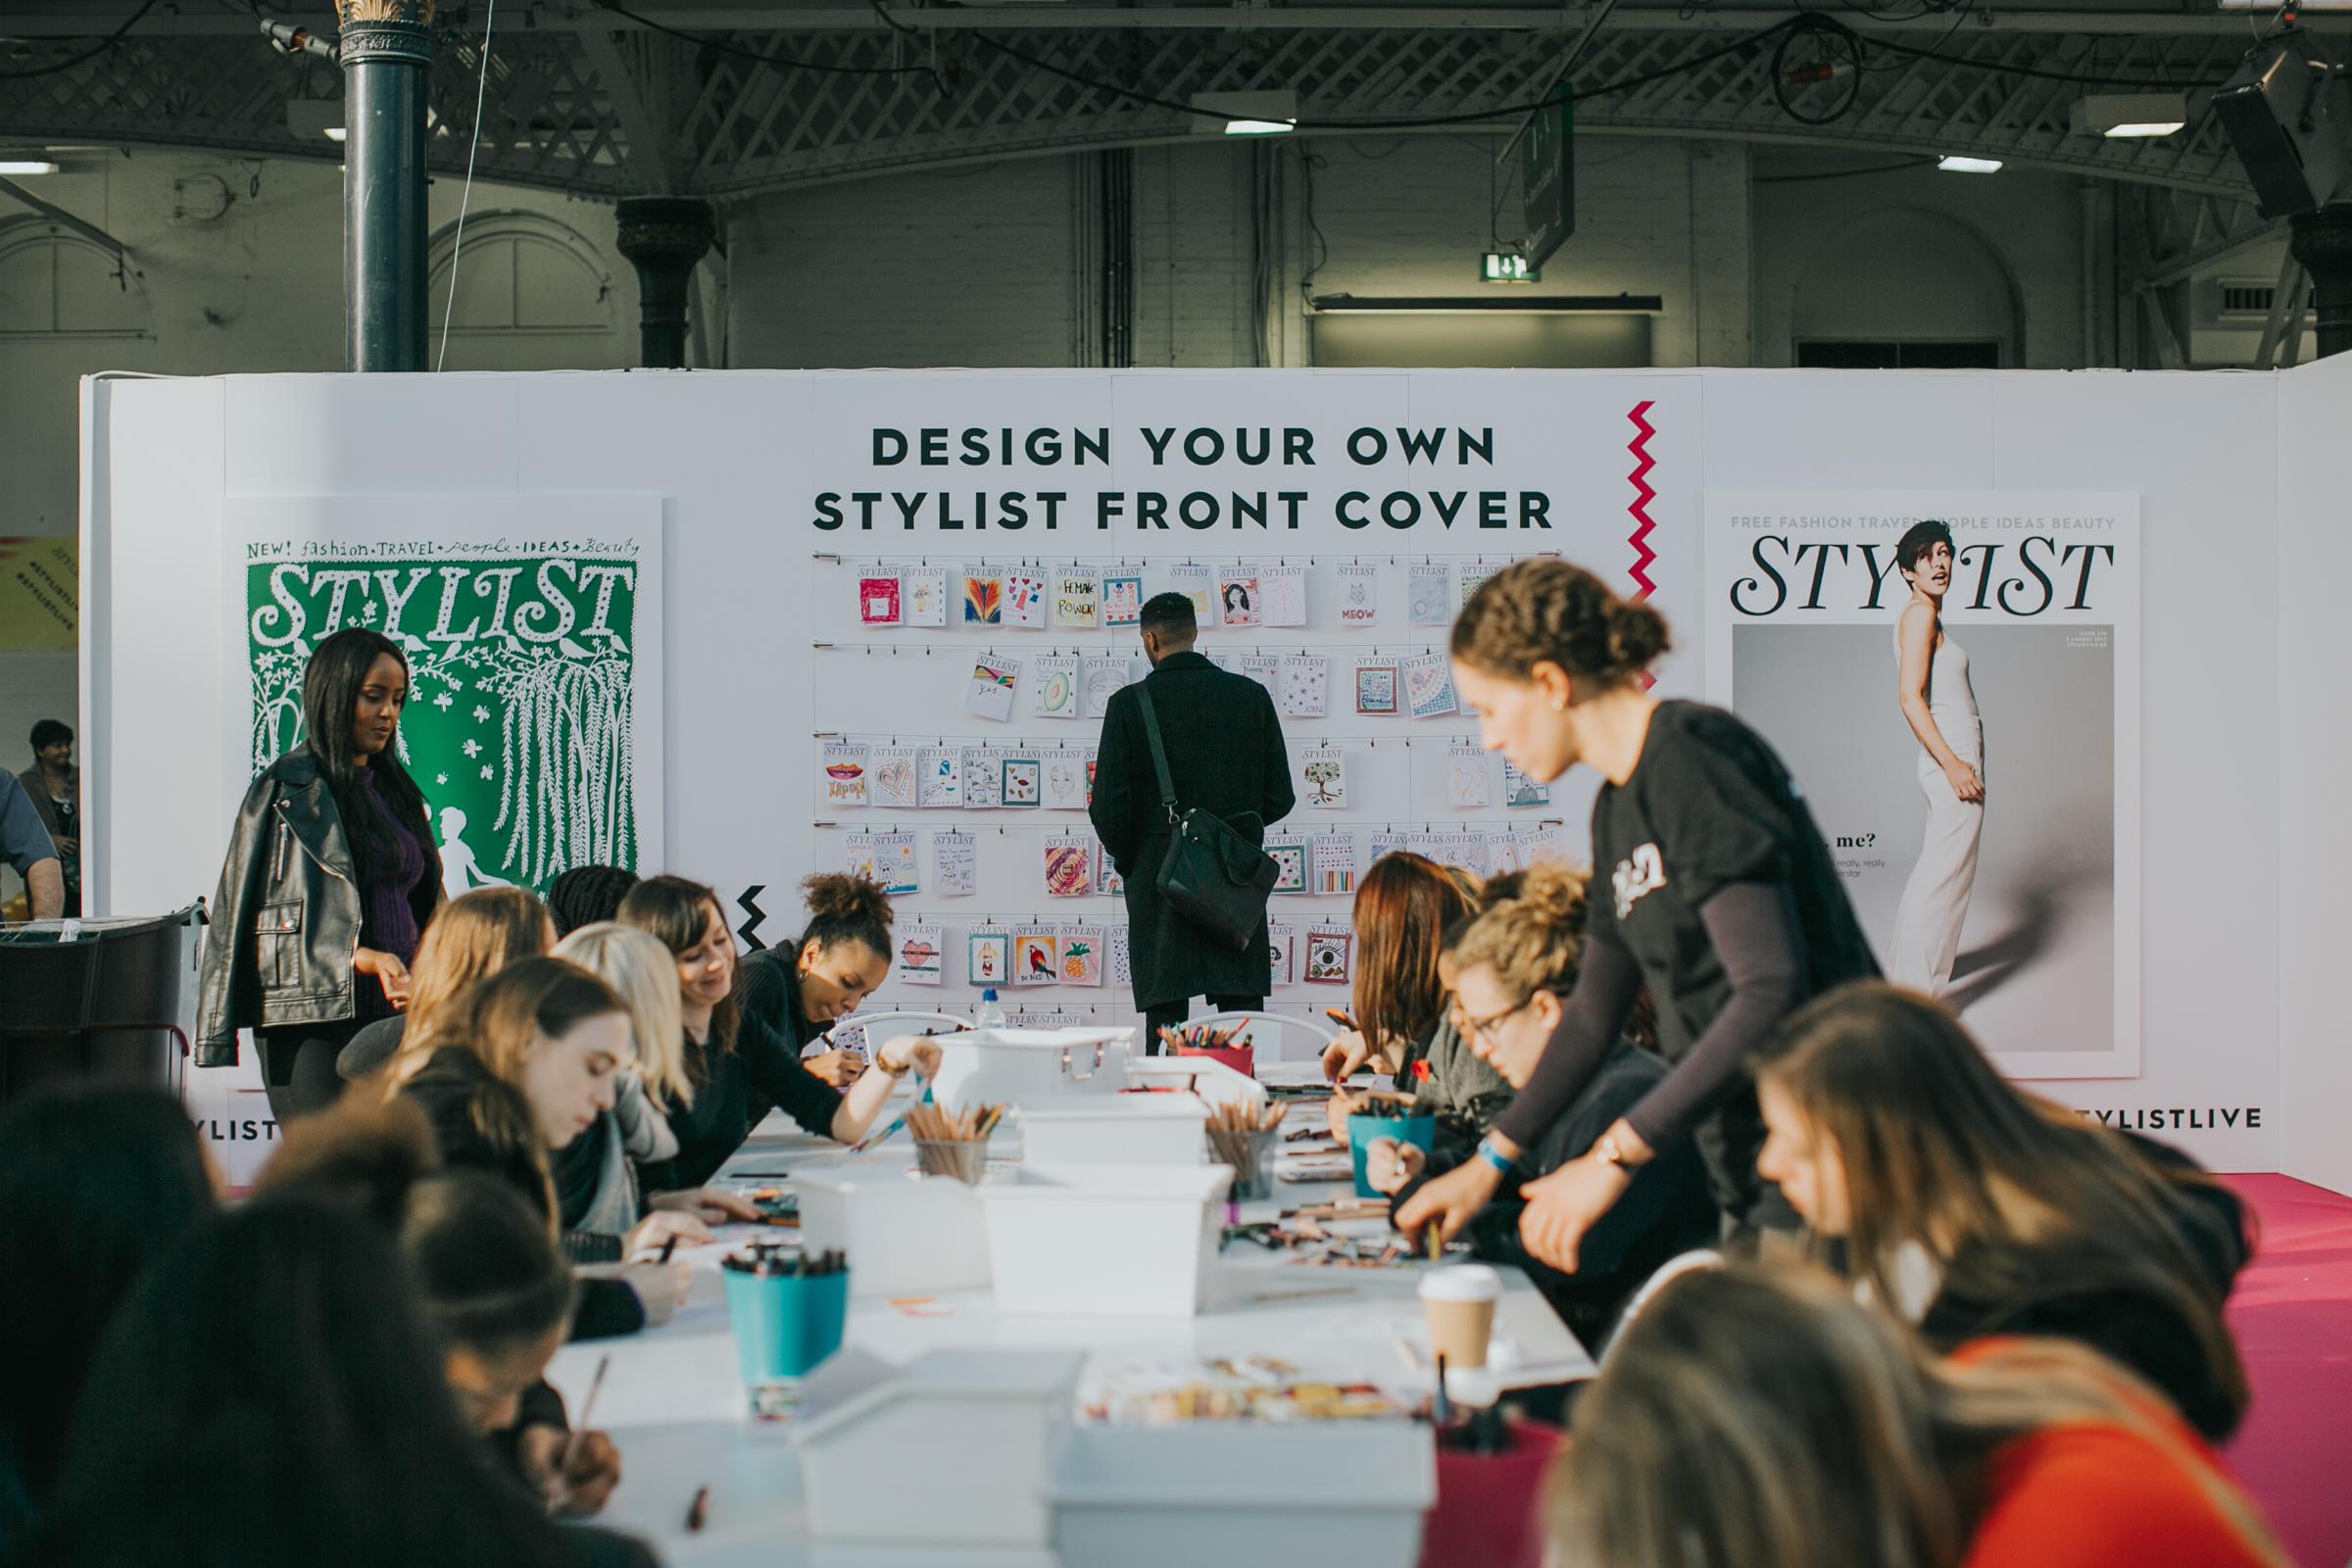 Stylist-live-2017-Olympia-London-uk-staylist-magazine-november-girl-power-minasplanet-jasmina-haskovic59.jpg